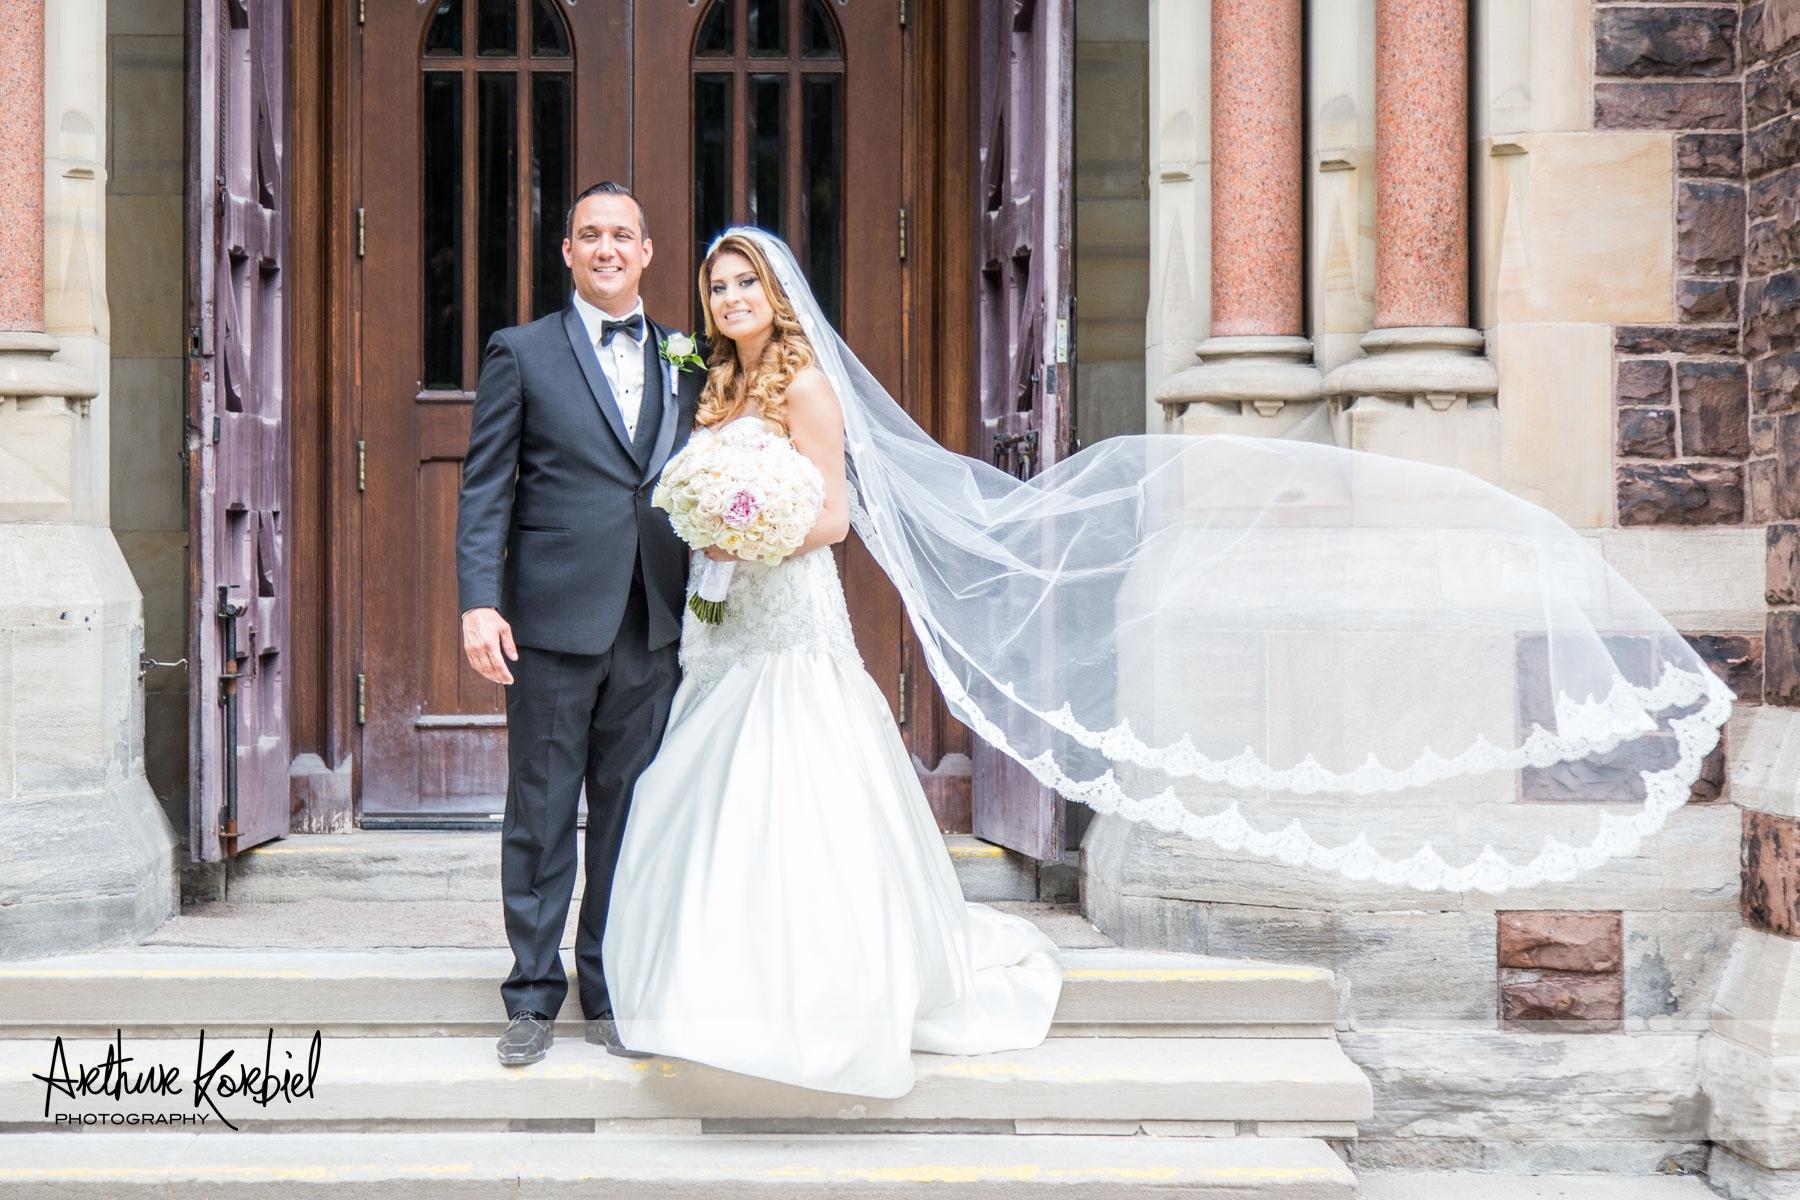 Arthur Korbiel Photography - London Wedding Photographer-014.jpg